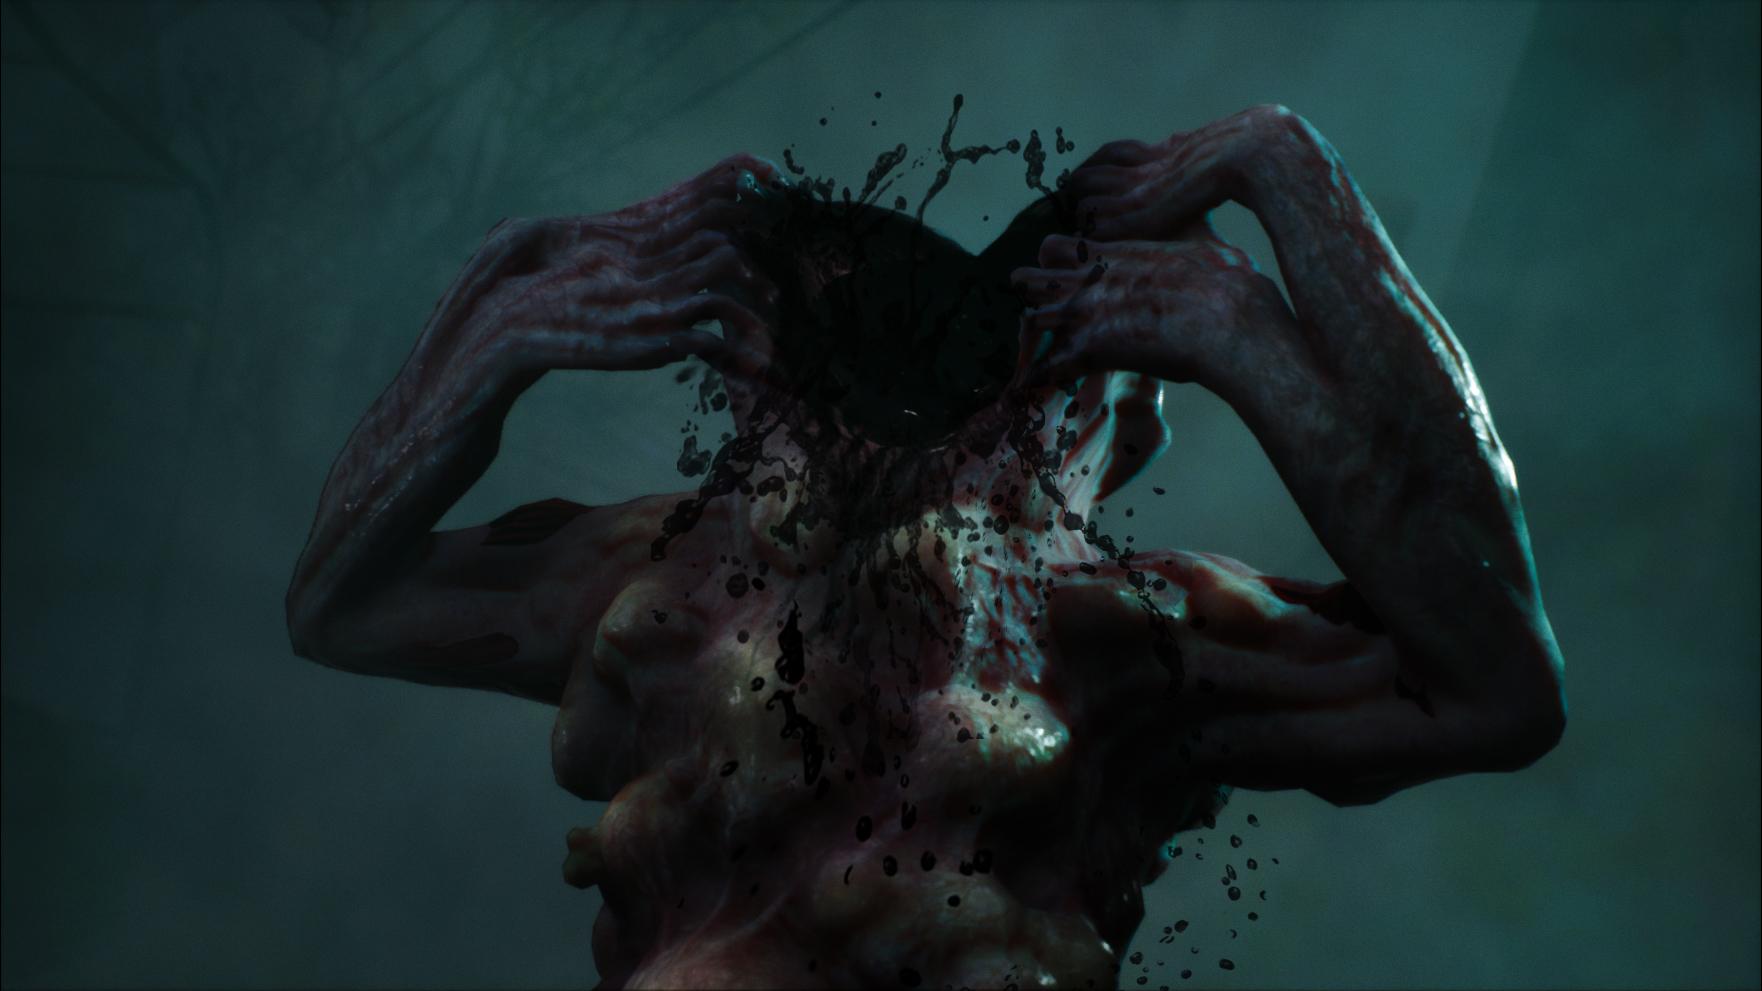 261615_2Em2k4HnY1_monster_lovecraft.jpg